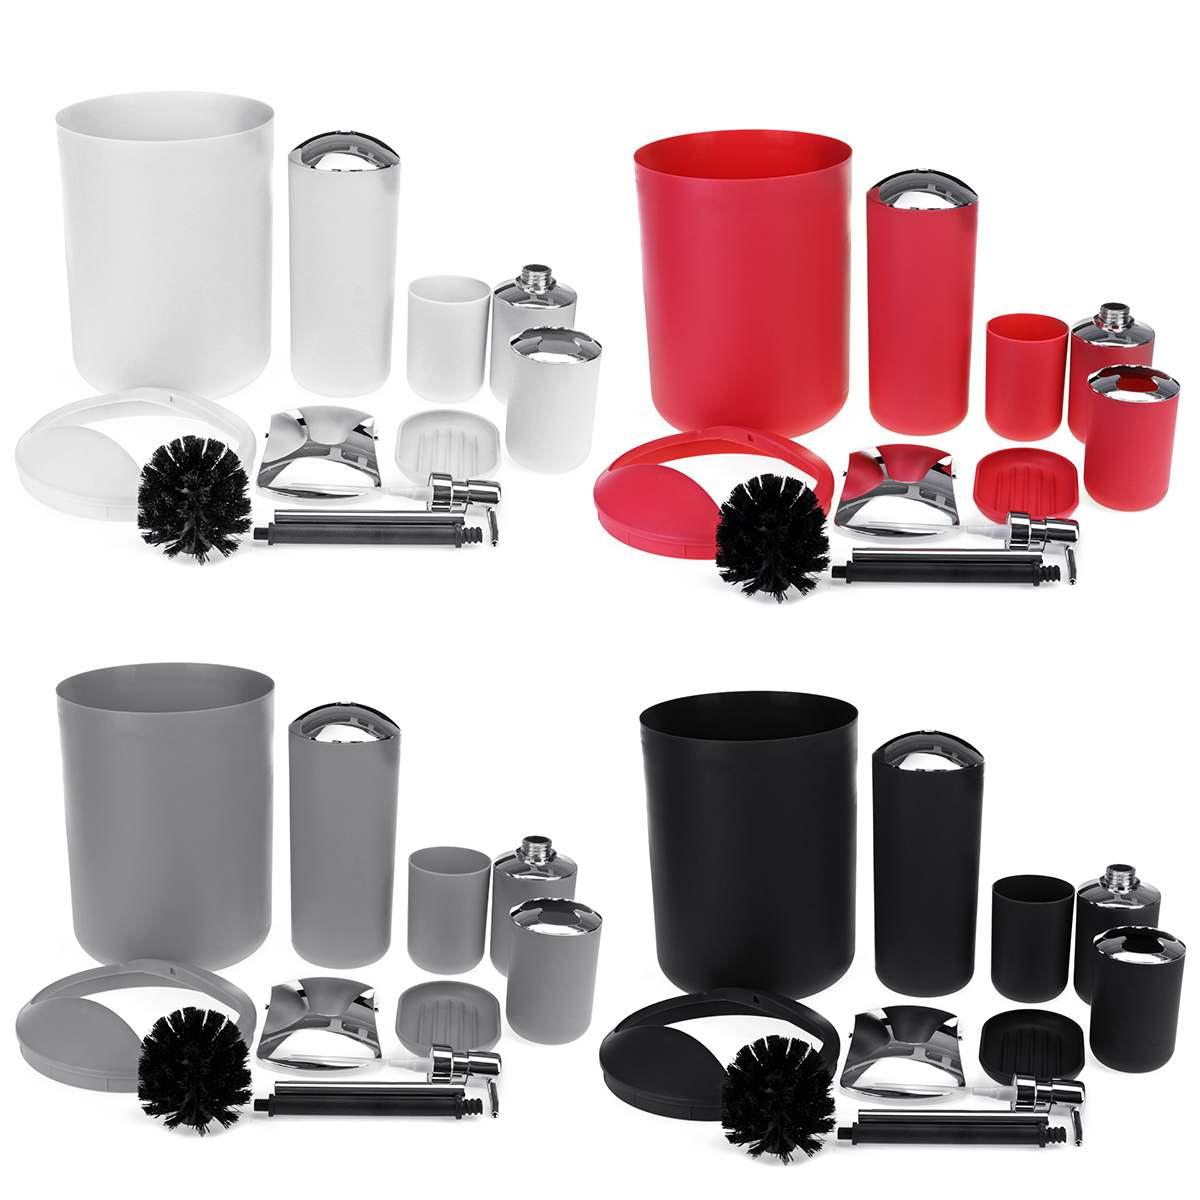 6 ชิ้น/เซ็ตหรูหราอุปกรณ์ห้องน้ำผู้ถือแปรงสีฟันพลาสติกถ้วยสบู่จานแปรงห้องน้ำถังขยะชุด